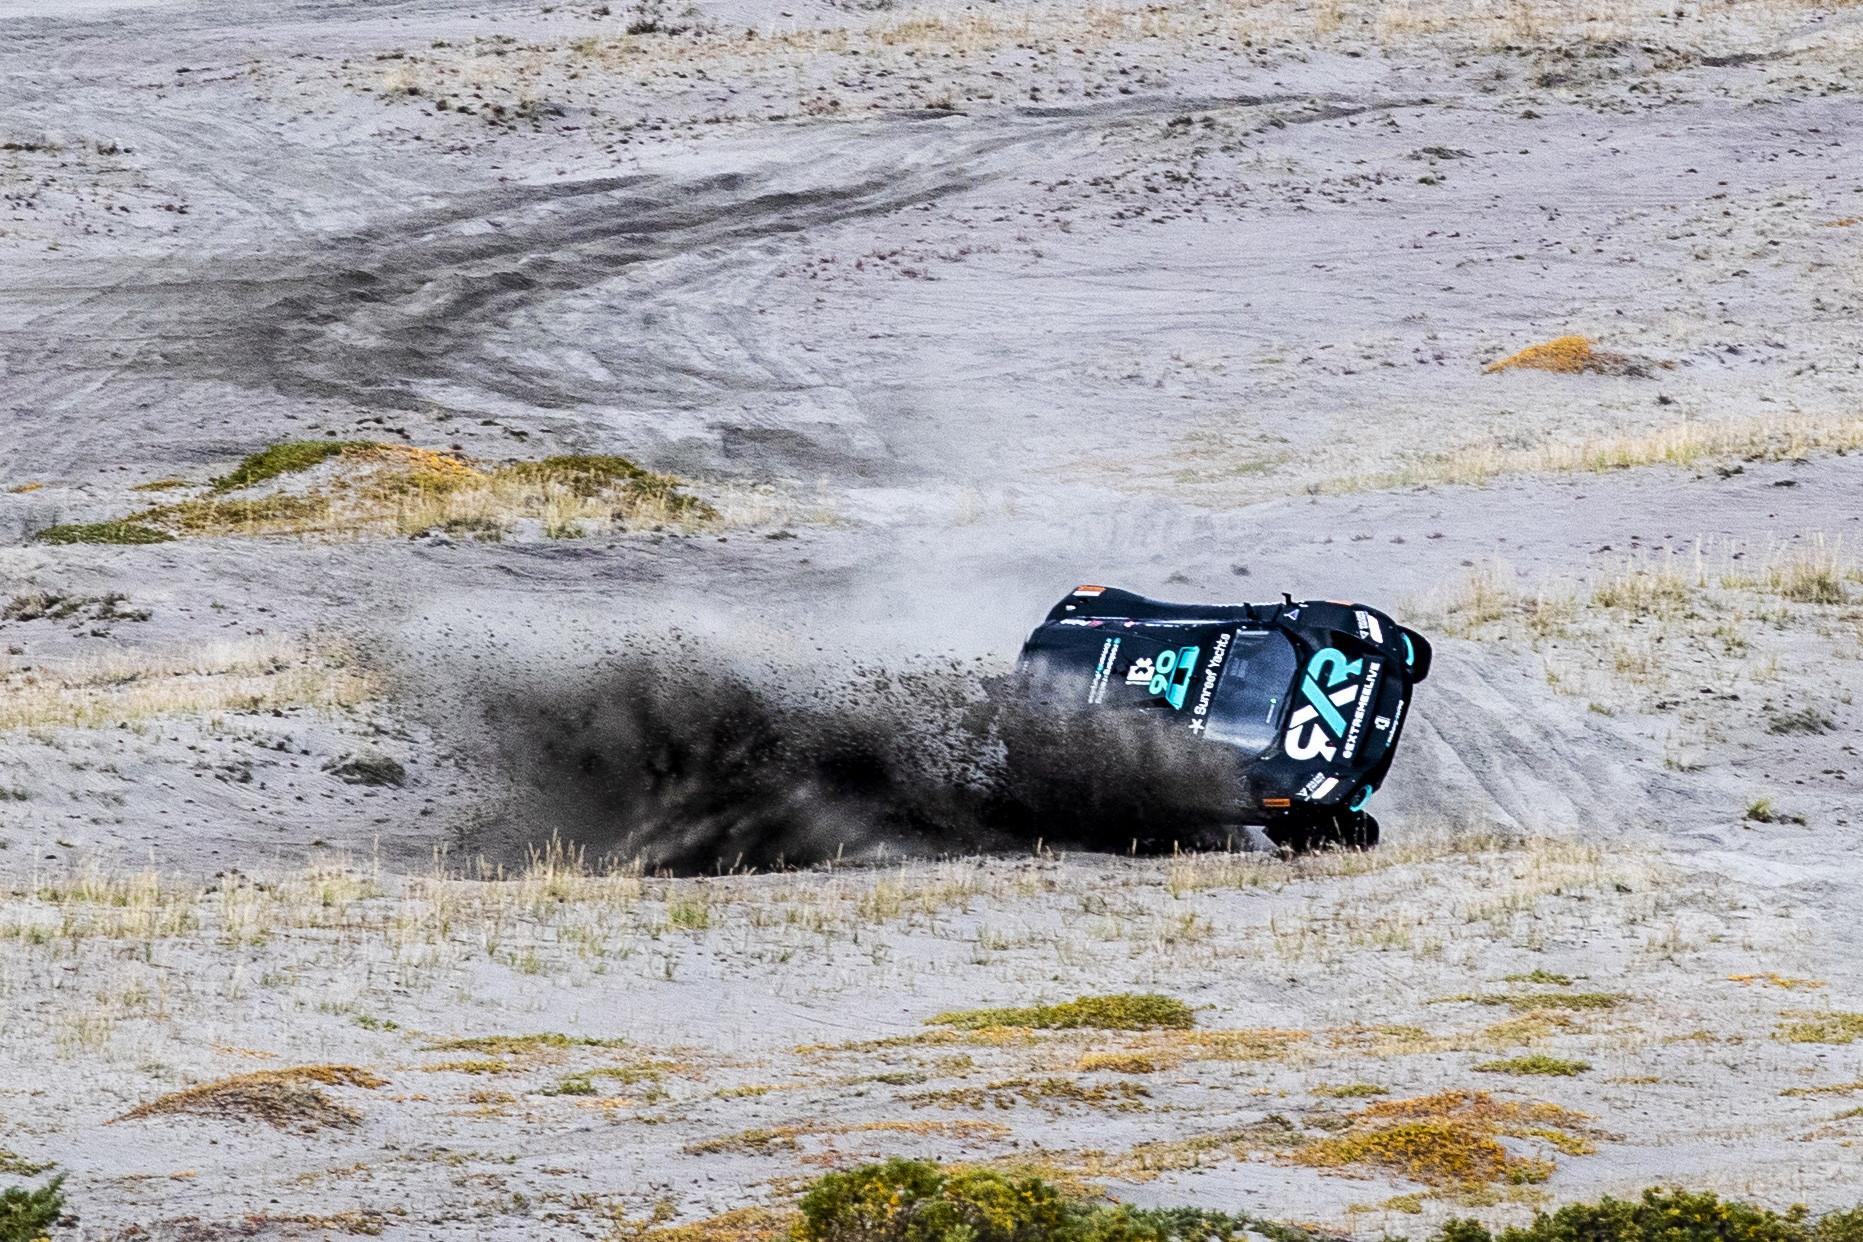 Attimi di paura e poi un gran coraggio: Molly Taylor incredibile nelle Qualifiche 1 dell&#39;Arctic X Prix di Extreme E in Groenlandia. L&#39;australiana, pilota del team di Rosberg, ha fatto un 360&deg; con il suo Odyssey&nbsp;21 per poi riatterrare sulle quattro ruote, ripartire e chiudere il giro! Alla fine ottavo tempo per lei, in squadra con Johan Kristofferson.<br /><br />